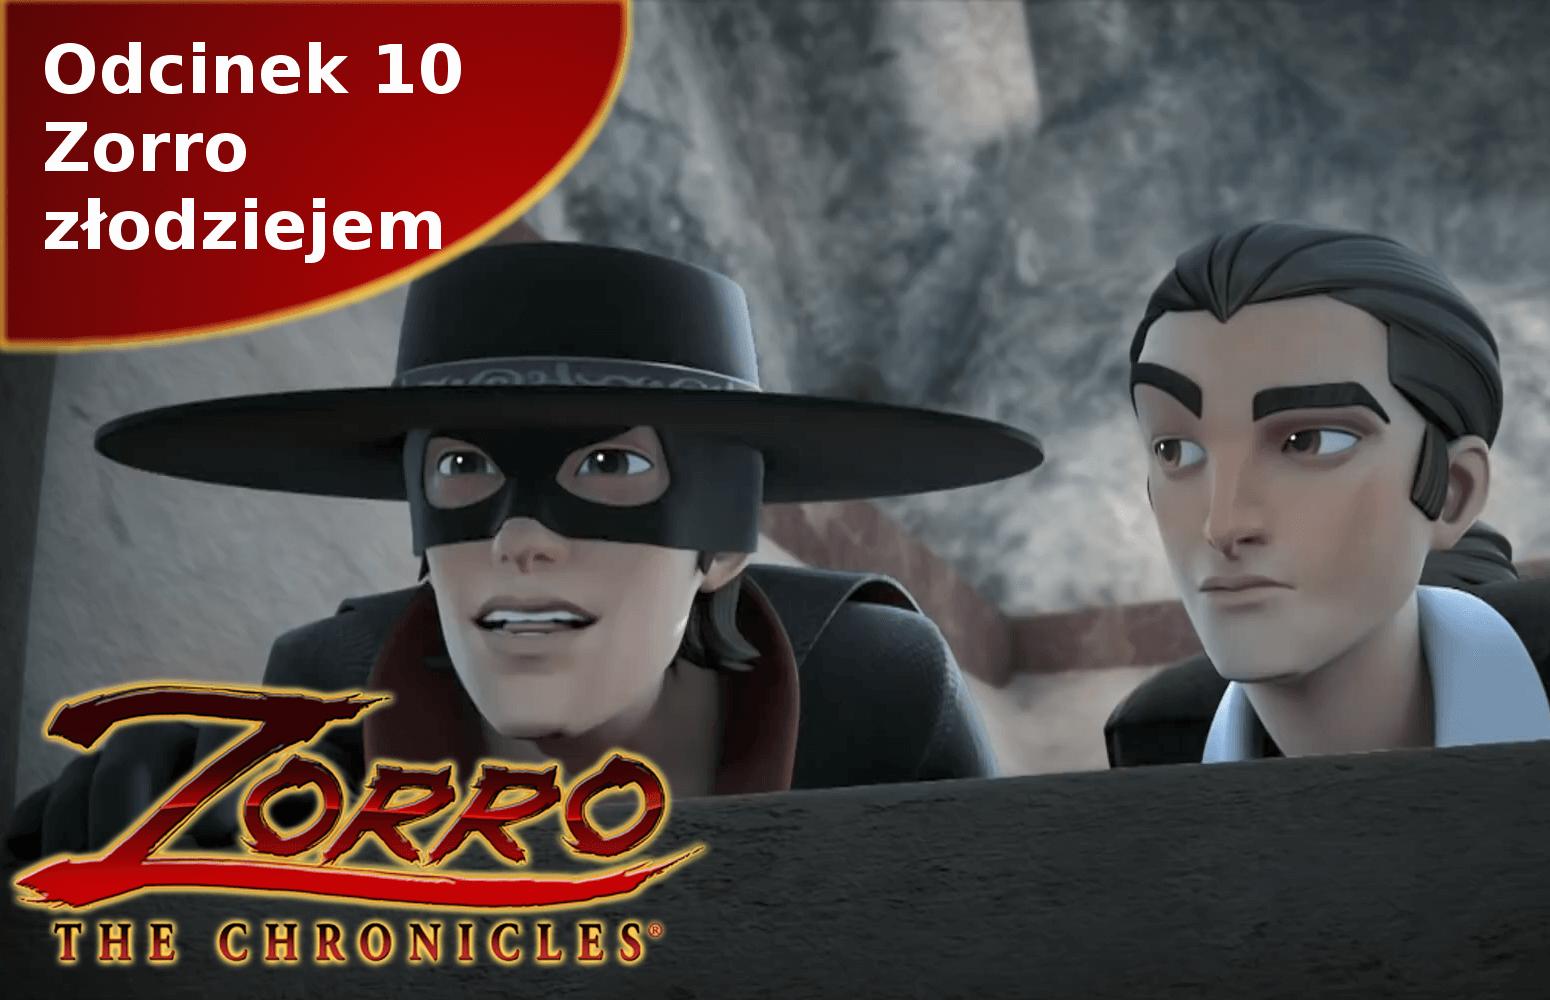 Kroniki Zorro odcinek 10 Zorro złodziejem